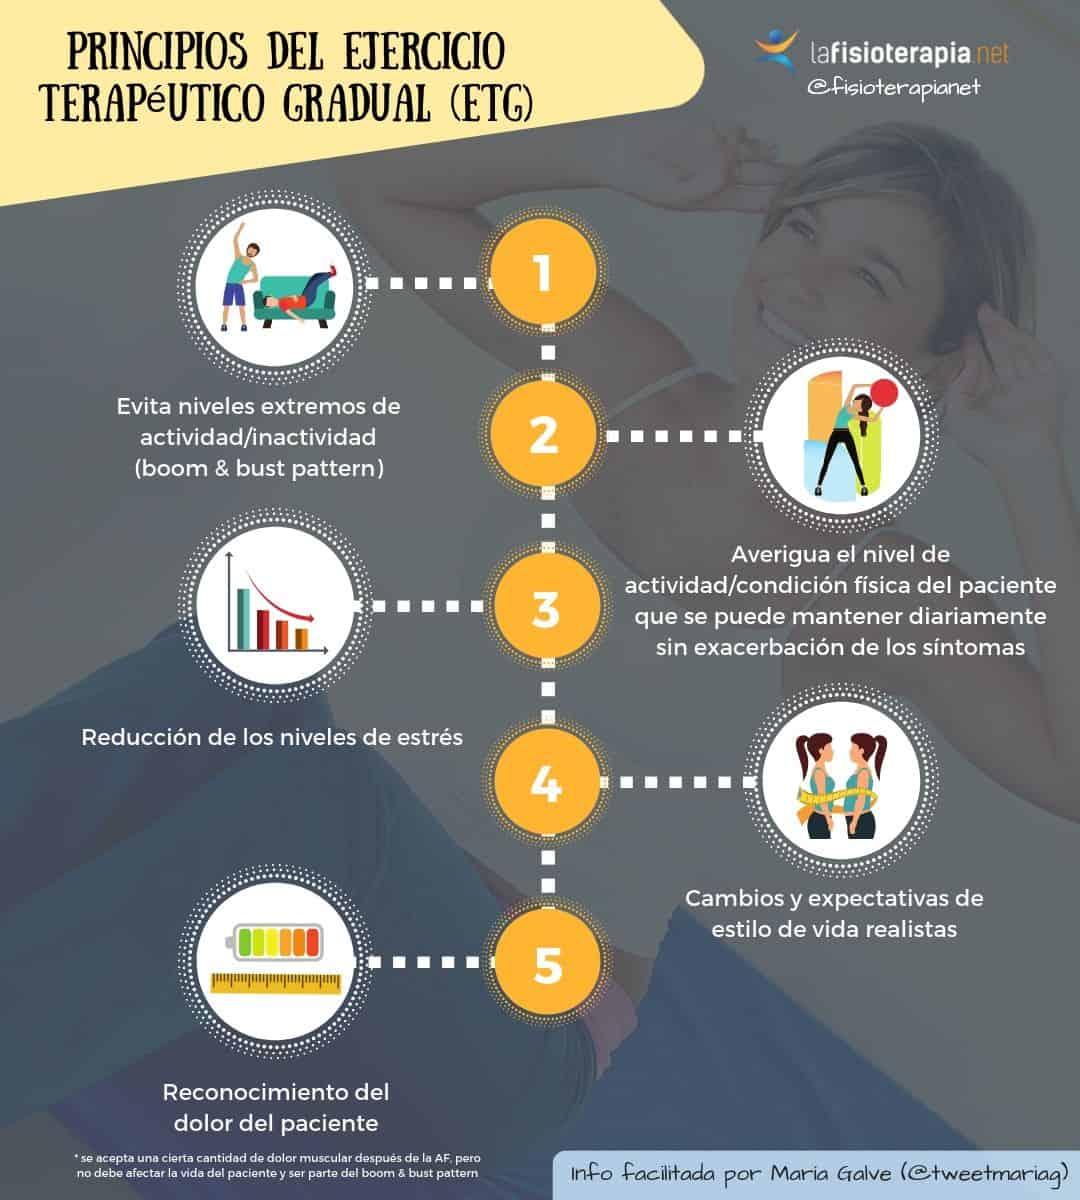 ejercicio terapeutico gradual